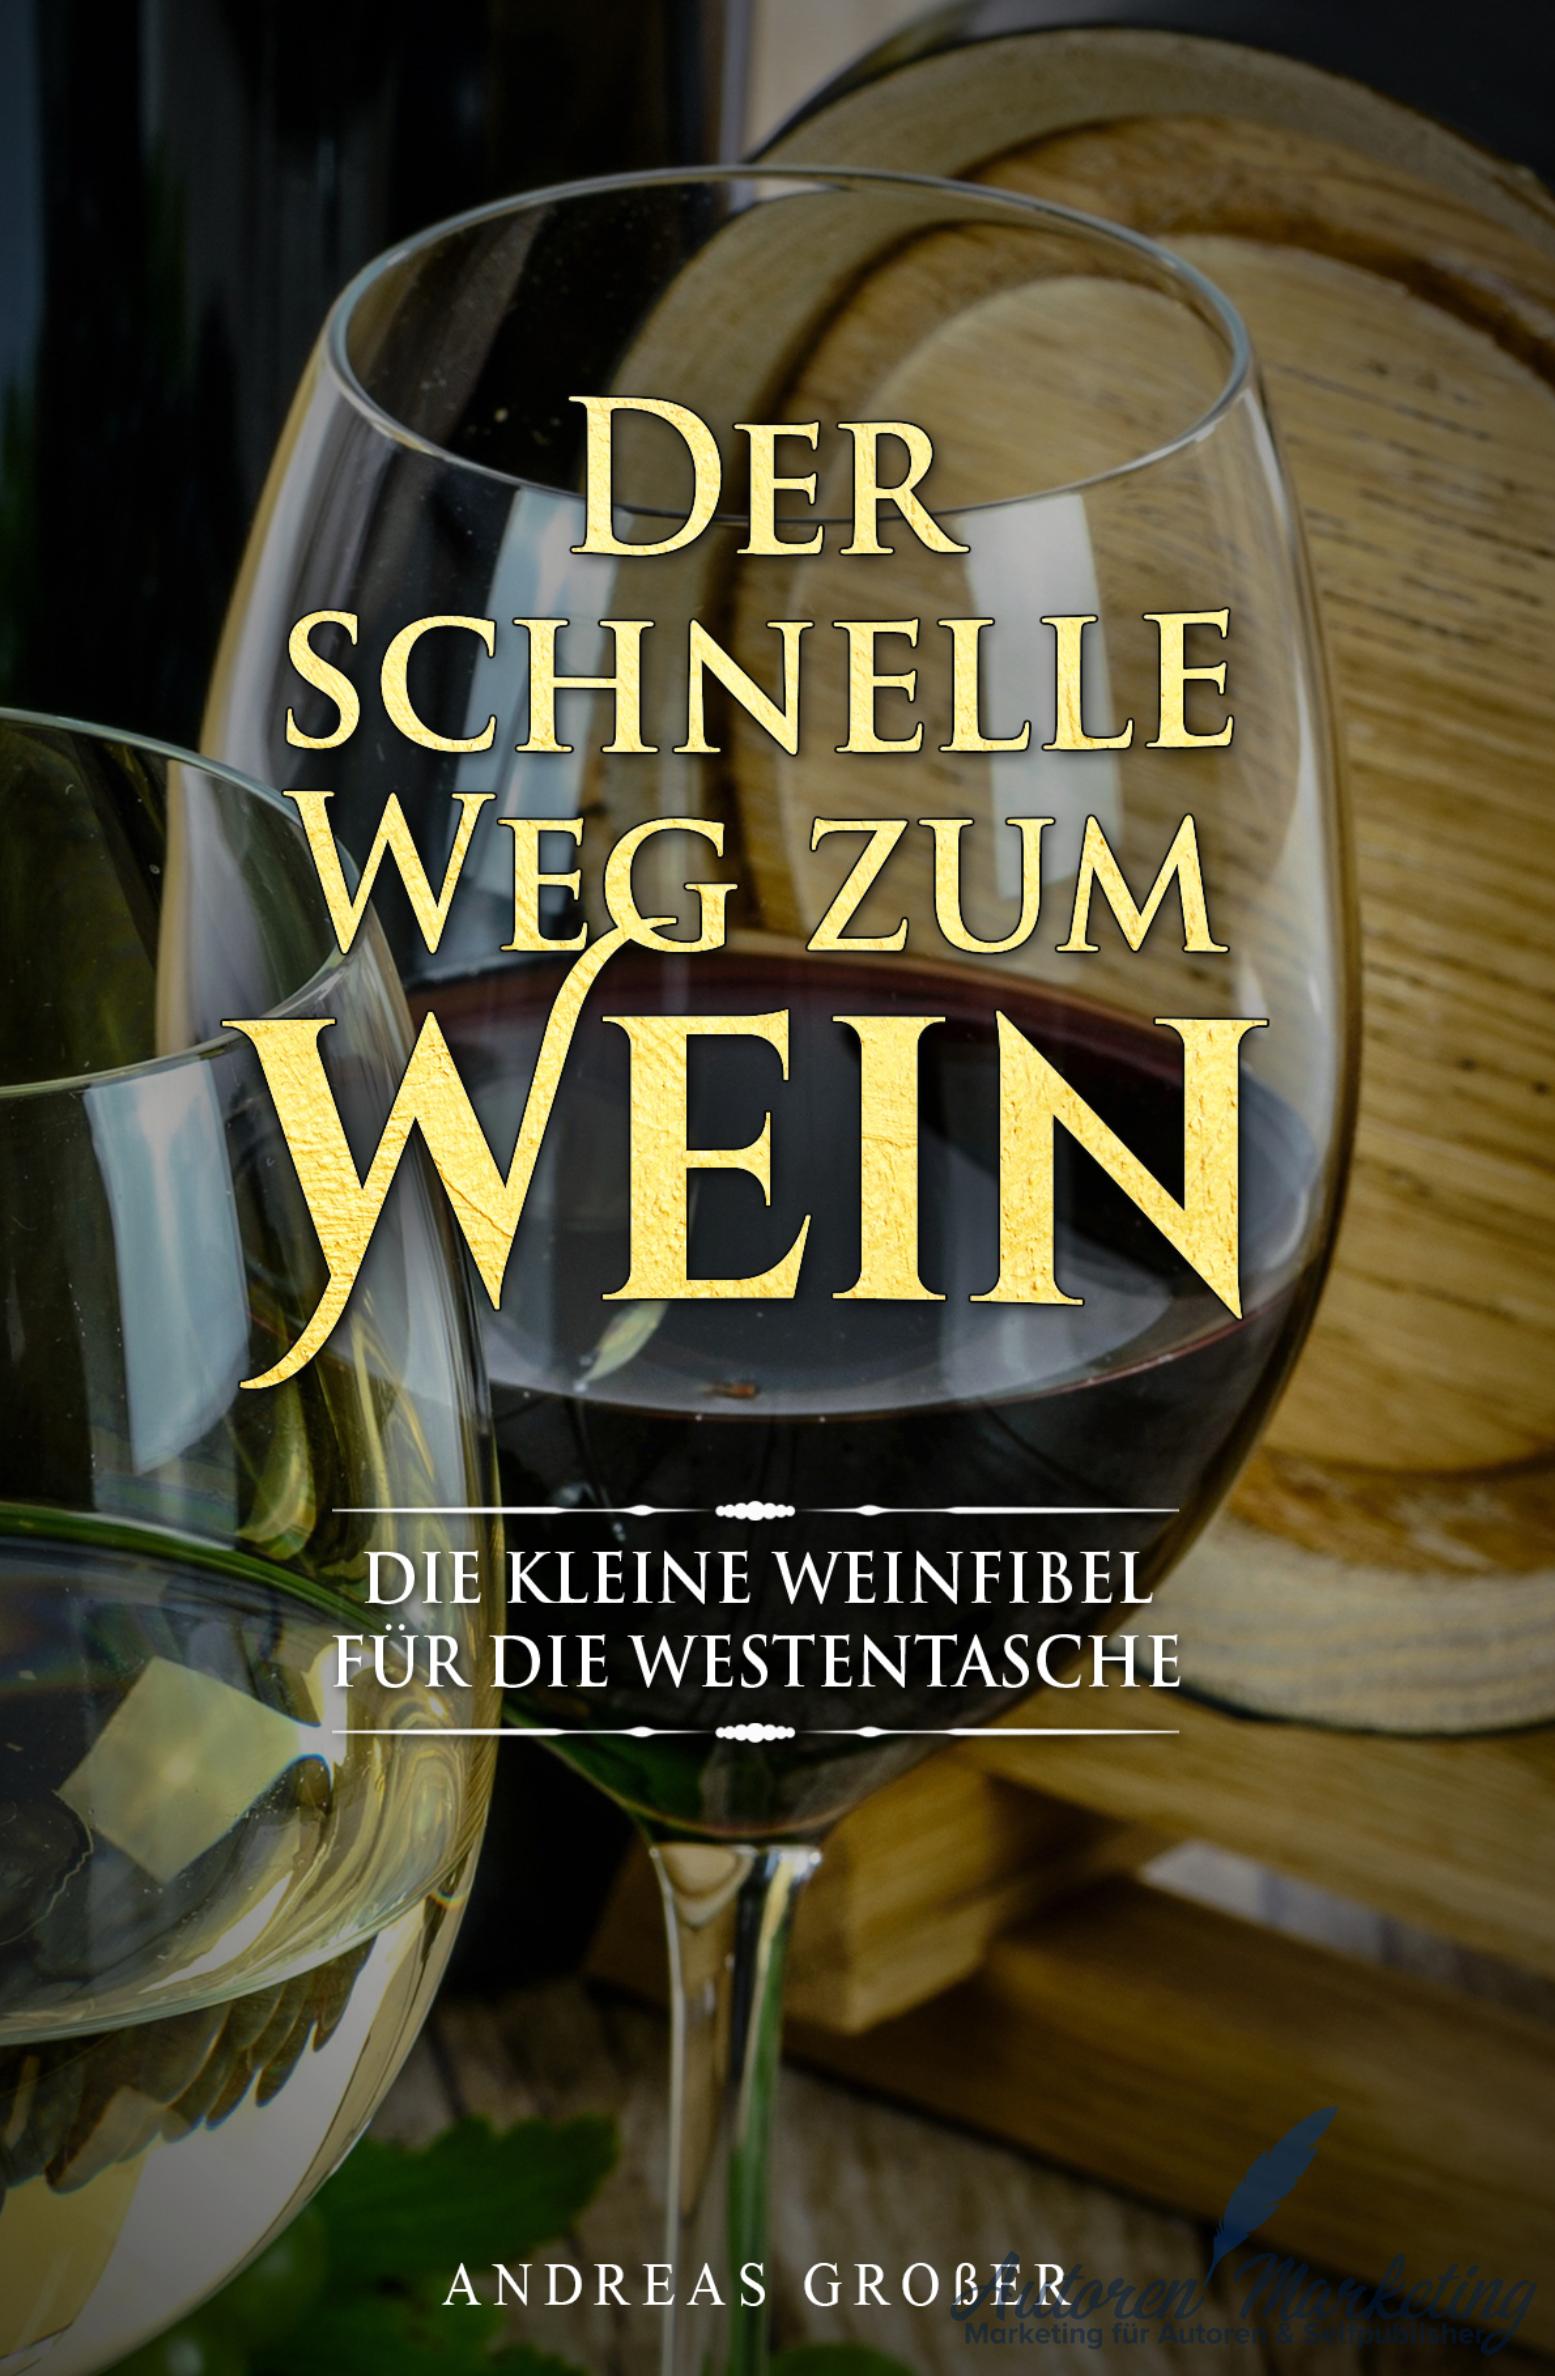 Der schnelle Weg zum Wein Coverdesign